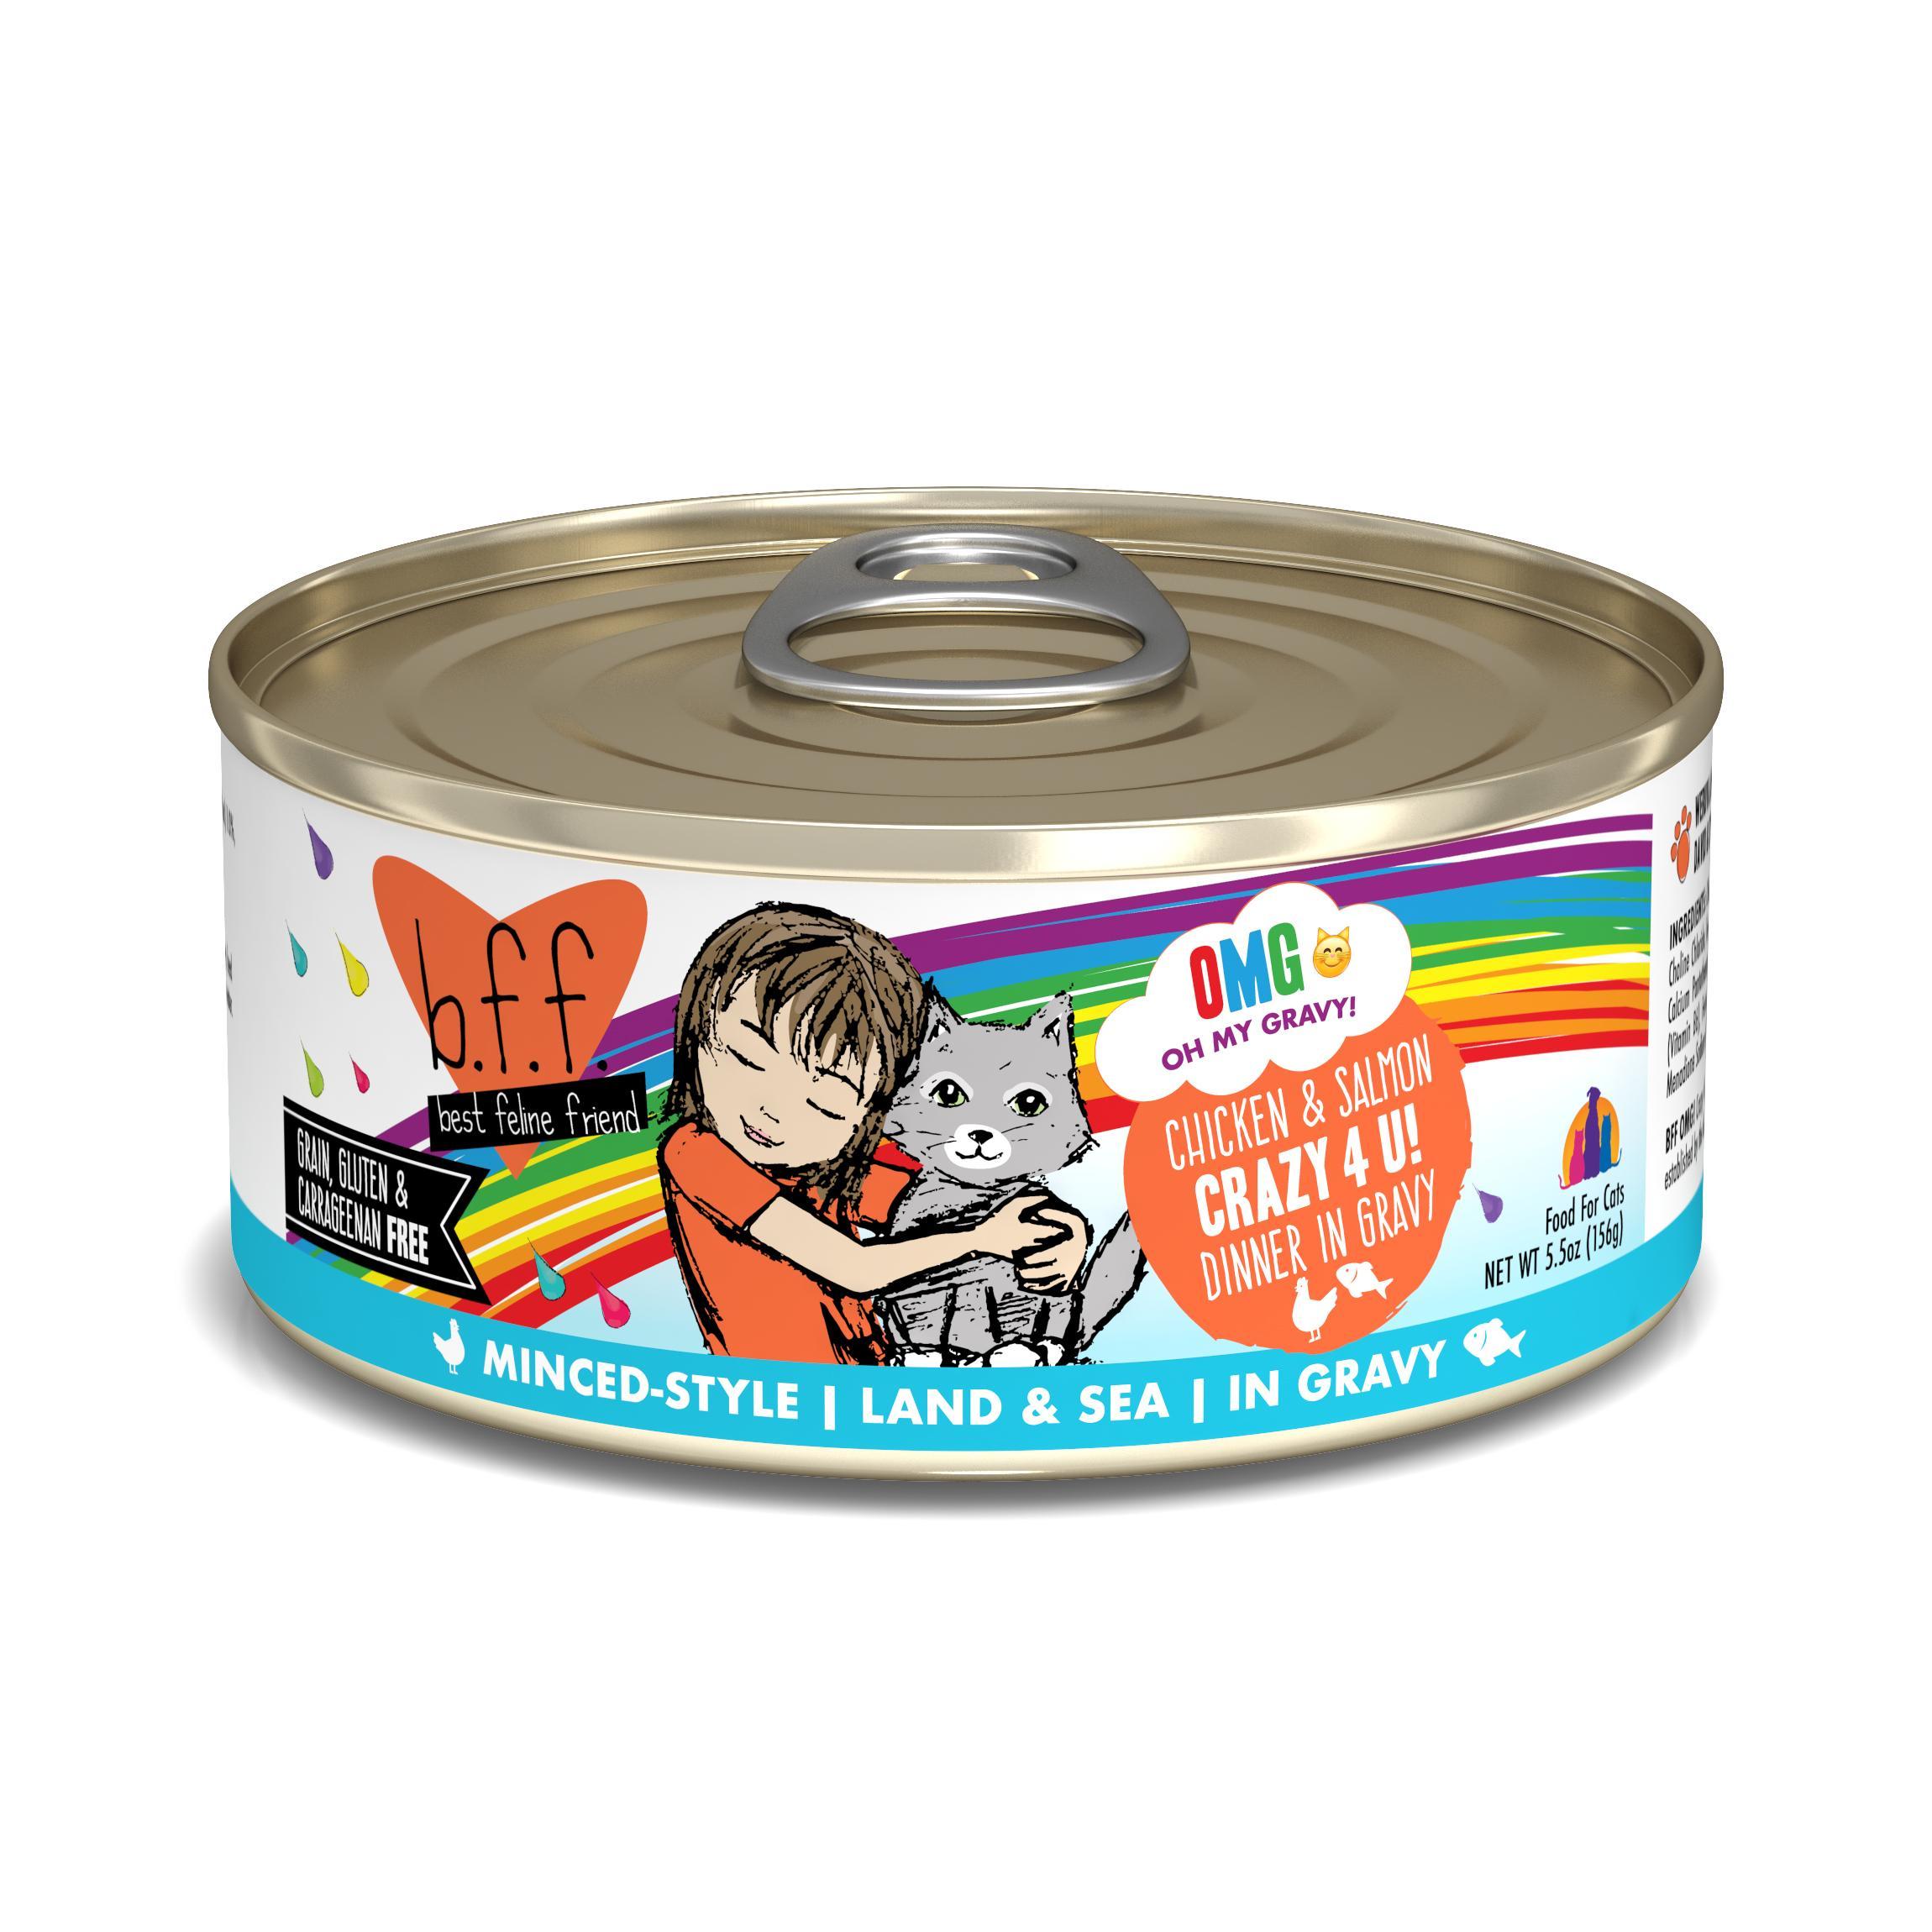 BFF Oh My Gravy! Crazy 4 U! Chicken & Salmon Dinner in Gravy Grain-Free Wet Cat Food, 5.5-oz